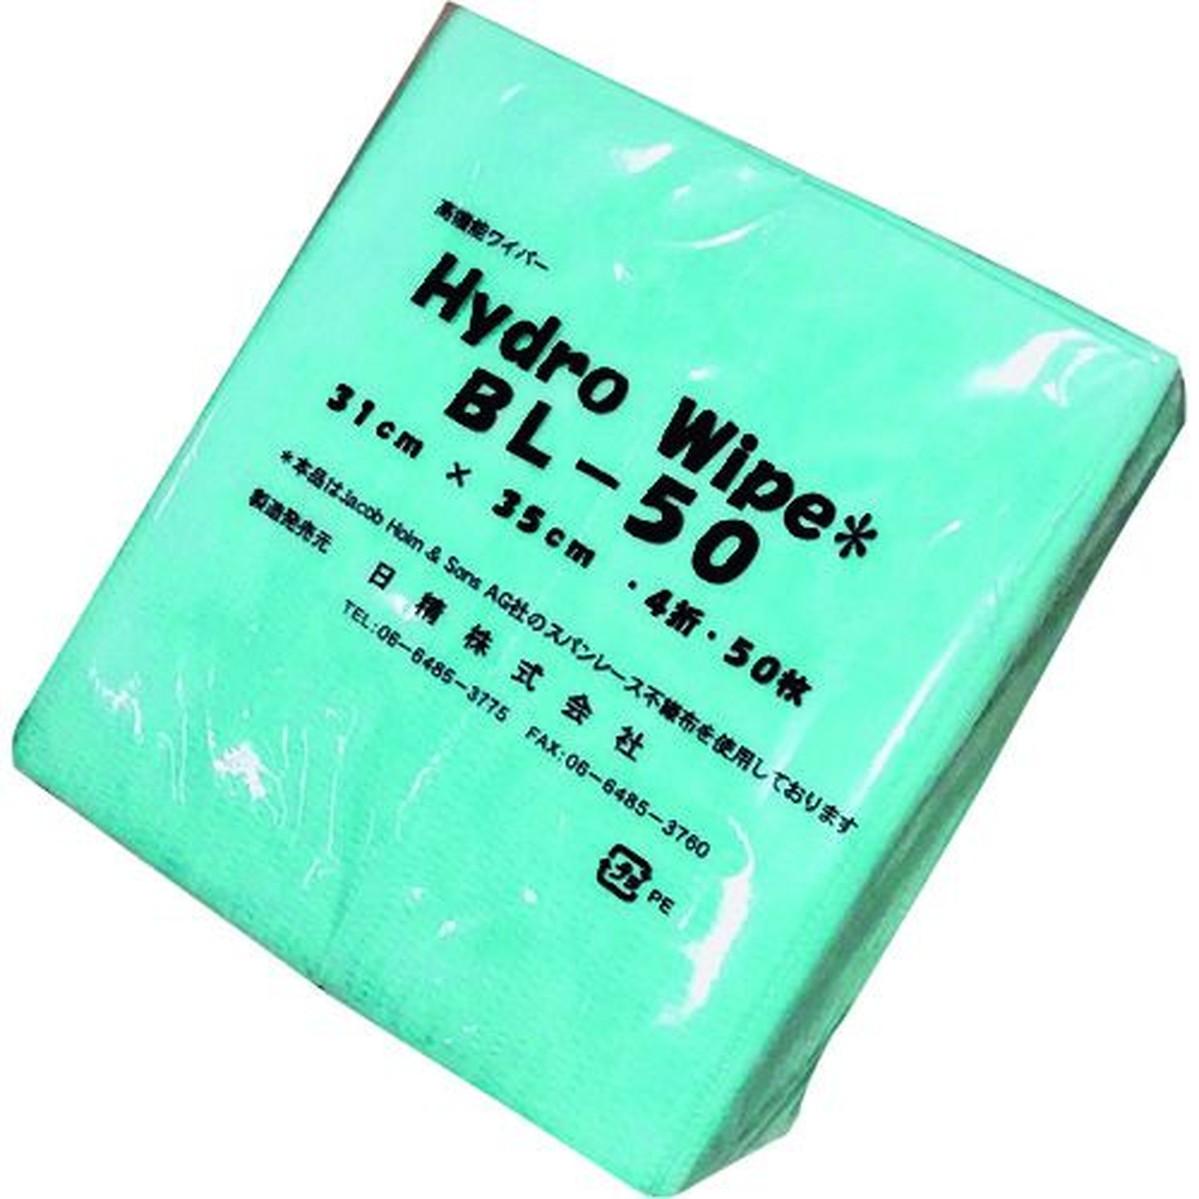 あす楽対応 DIY用品 日精 驚きの値段で マーケティング ハイドロワイプBL-50 1CS